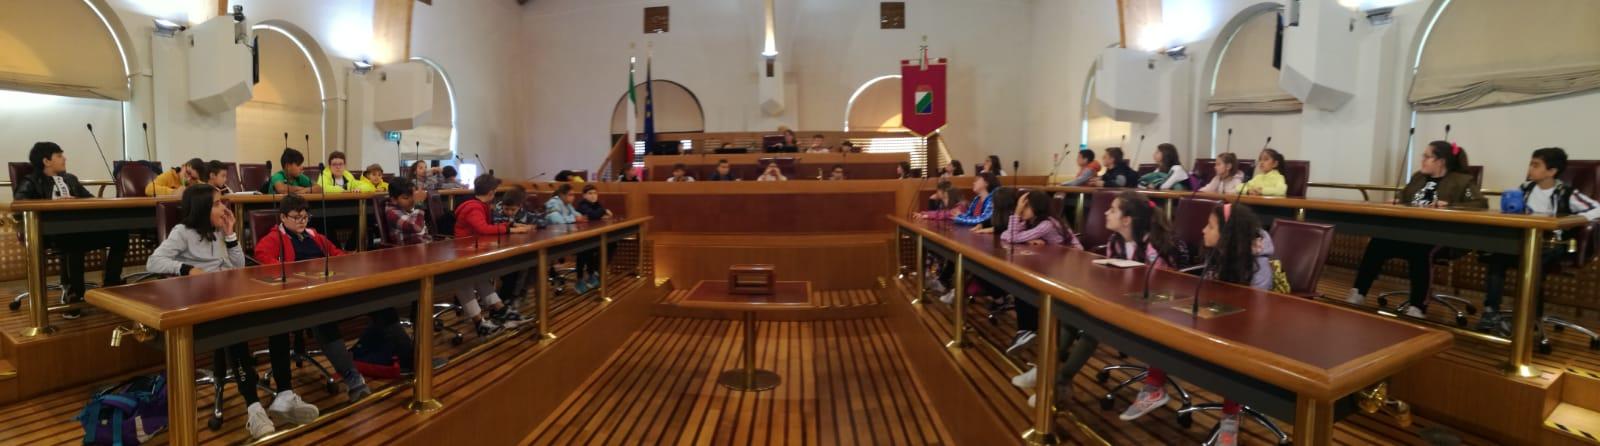 """Le quinte della Scuola Primaria """"G. Spataro"""" al Consiglio Regionale"""